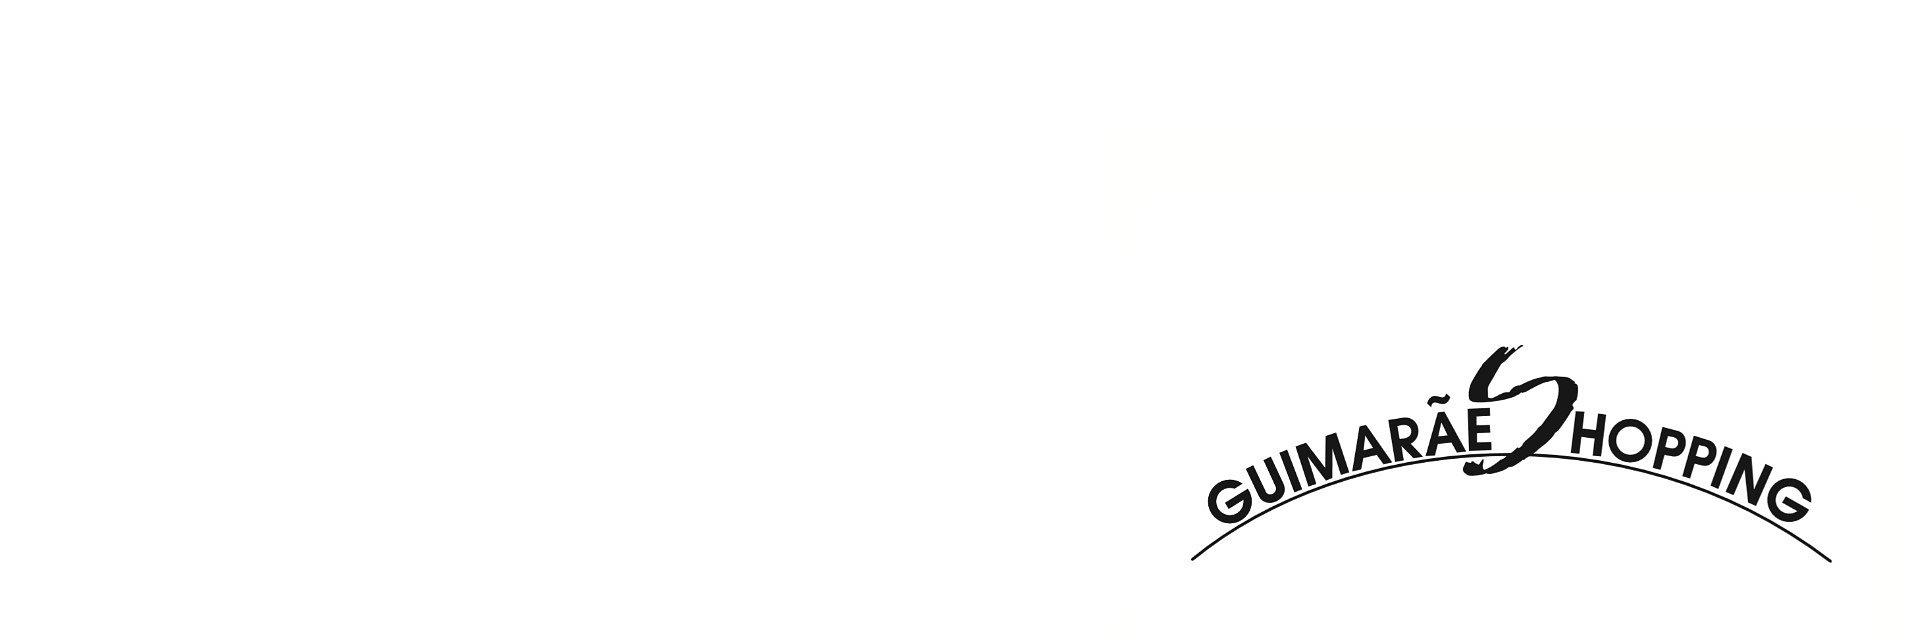 GuimarãeShopping assegura cumprimento dos mais elevados padrões de higiene com certificação SGS